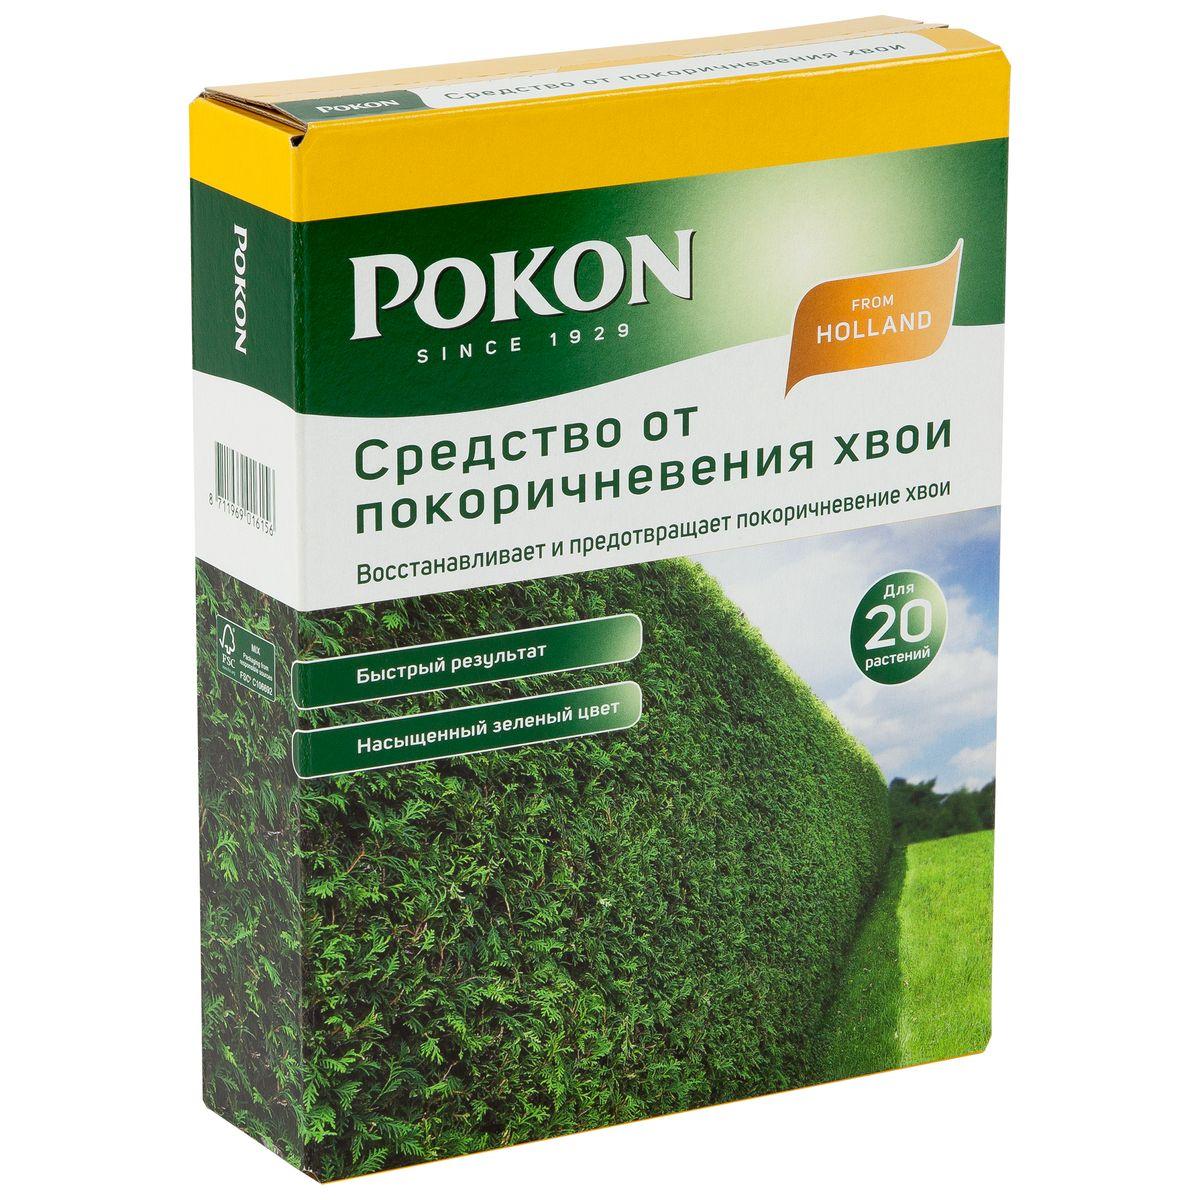 Удобрение Pokon для хвойных растений от покоричневения, 1 кг8711969016156Удобрение Pokon для хвойных растений от покоричневения:Если вечнозеленые растения меняют цвет на желтовато-бурый или коричневый, это обычно свидетельствует о дефиците магния. Проблему можно решить с помощью специального удобрения Pokon. Оно восстанавливает уровень магния в растениях, возвращая им естественный зеленый цвет.Инструкция по применению:- Вносите удобрение 1 раз в год, с марта по август.- Отмерьте нужное количество удобрения мерной ложечкой: для профилактики дефицита магния — 50 г на 1 кв. м (для хвойных растений) или 20 г на 1 кв. м (для других вечнозеленых растений); для восстановления покоричневевшей хвои — 150 г на 1 кв. м.- Равномерно насыпьте гранулы вокруг каждого растения или вдоль живой изгороди.- Смешайте гранулы с верхним слоем грунта.- Полейте грунт, и удобрение немедленно начнет действовать.- При необходимости повторите подкормку через 4–6 недель.Состав:16% — оксид магния (MgO).Удобрение соответствует нормам ЕС.